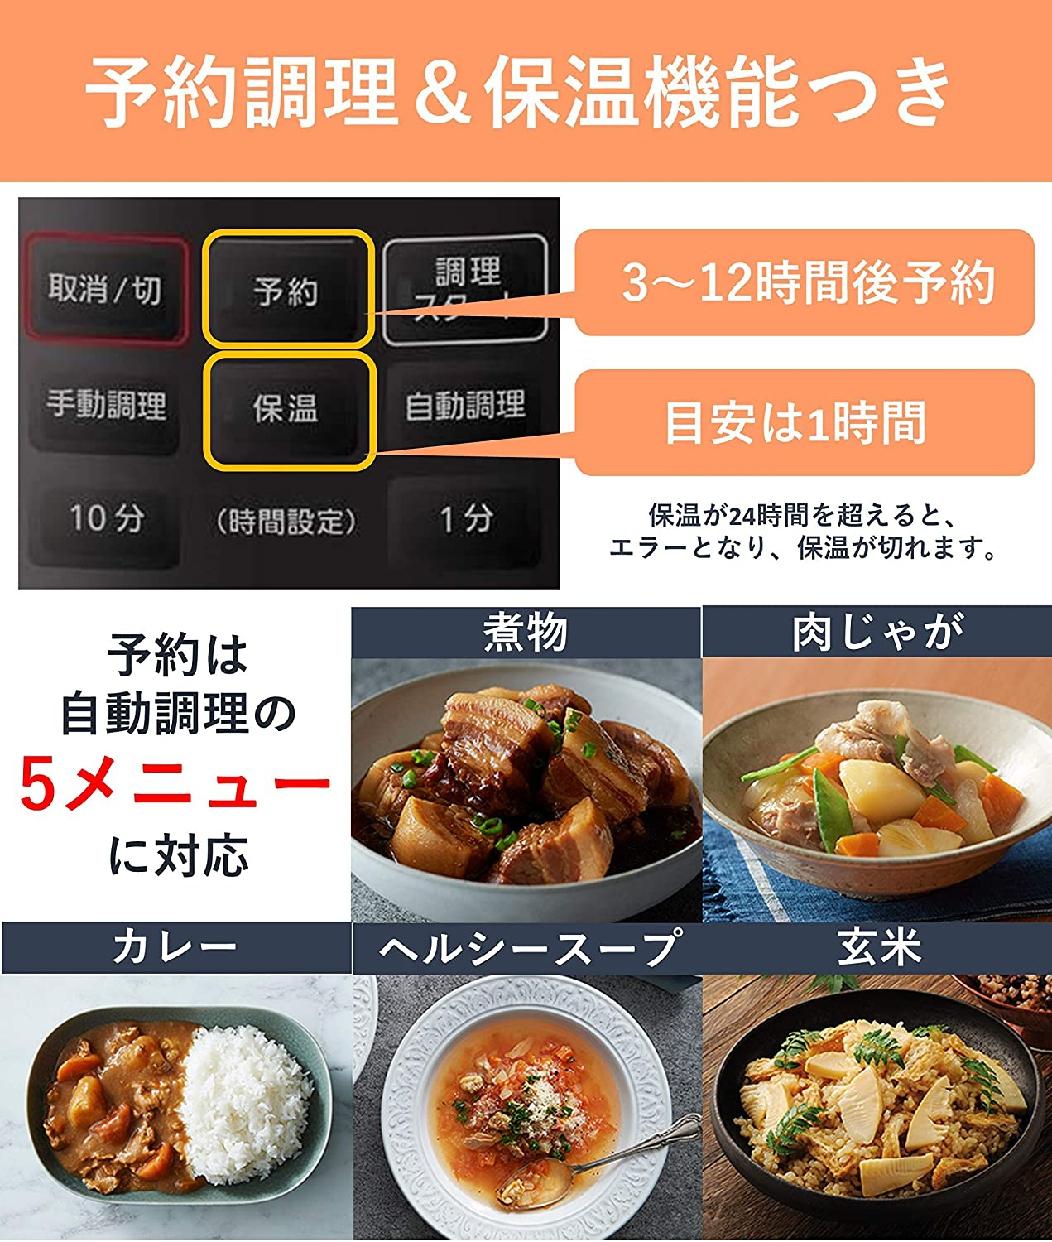 Panasonic(パナソニック)電気圧力なべ SR-MP300の商品画像5